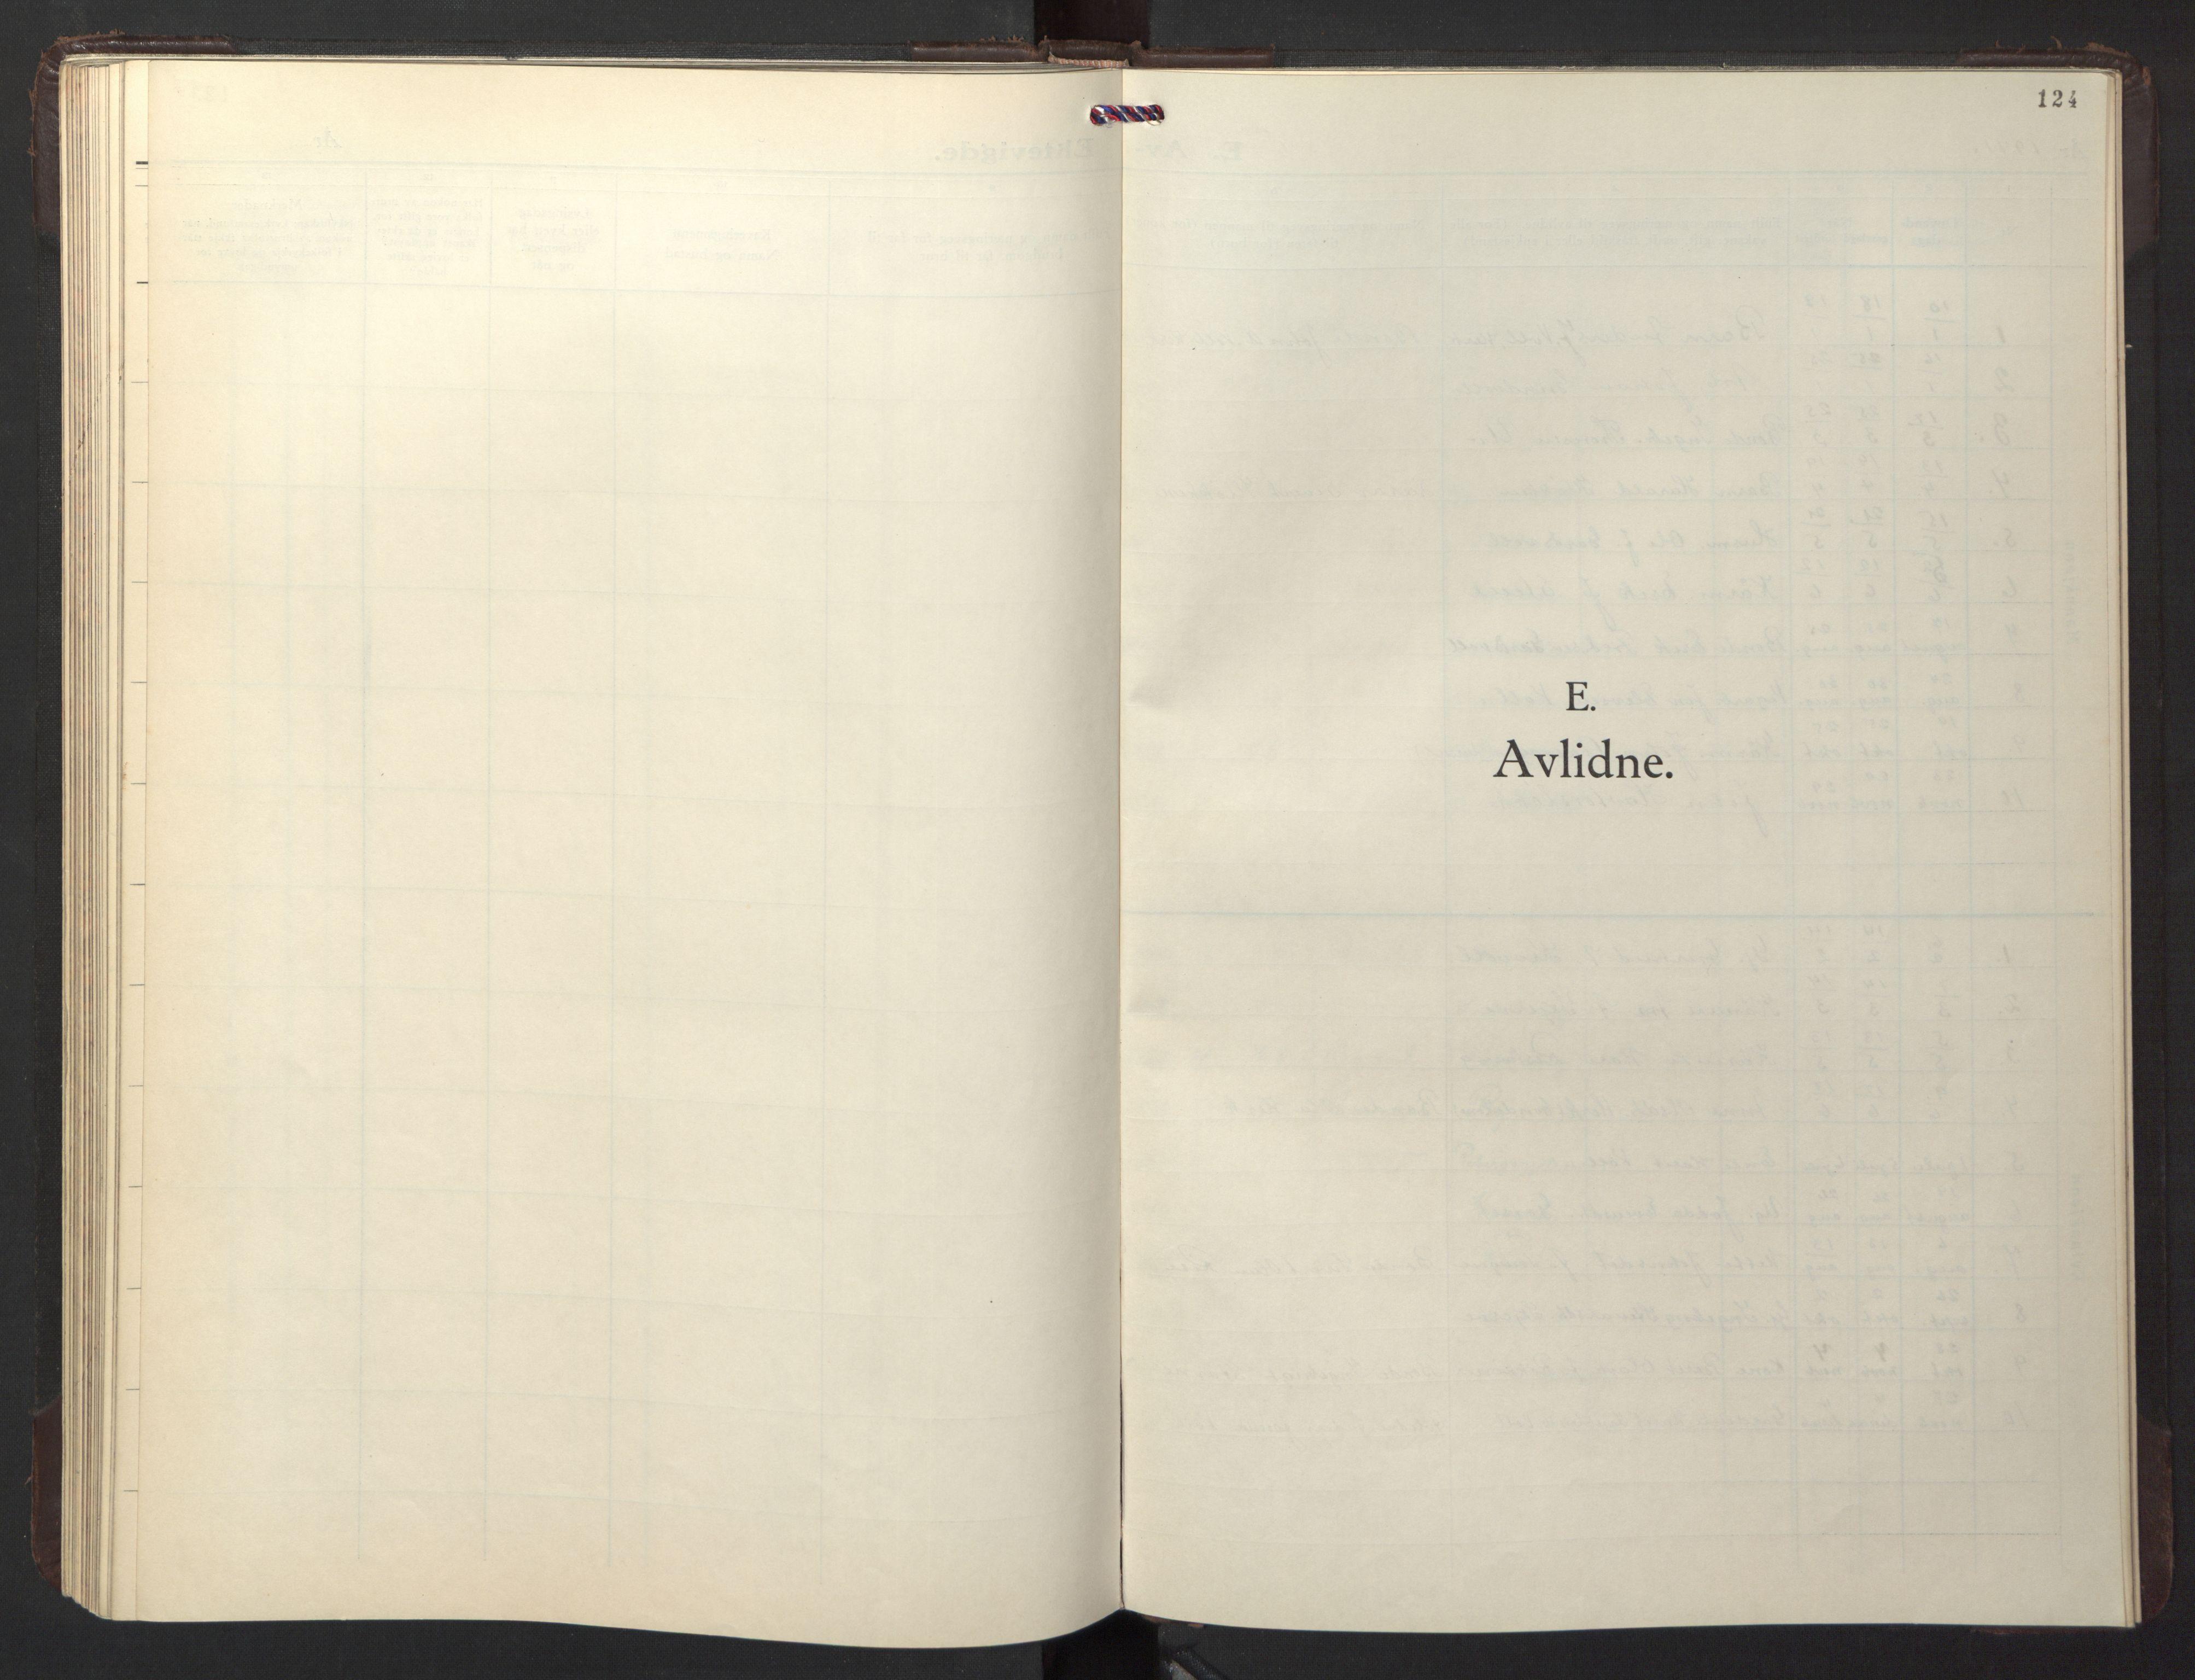 SAT, Ministerialprotokoller, klokkerbøker og fødselsregistre - Sør-Trøndelag, 674/L0878: Klokkerbok nr. 674C05, 1941-1950, s. 124